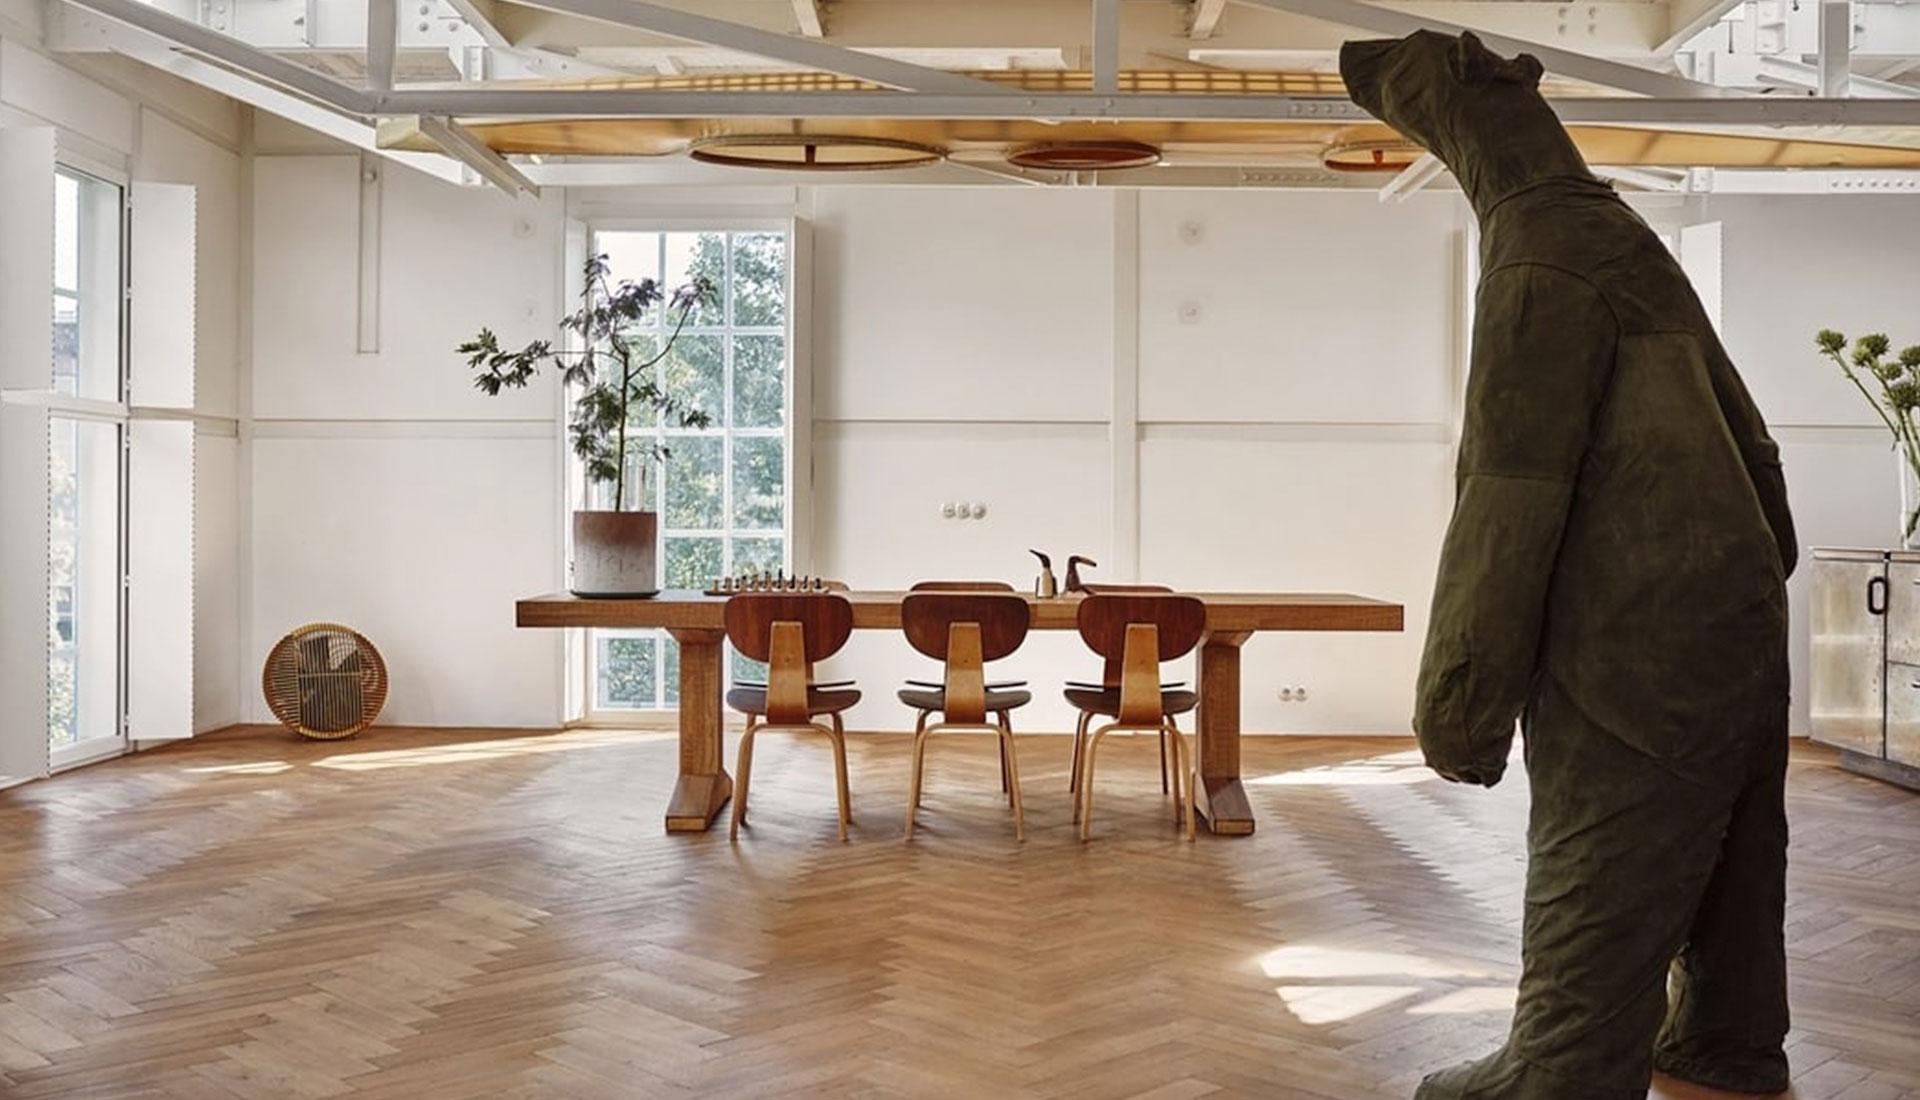 Studio Modijefsky: артистичный лофт в Зандаме